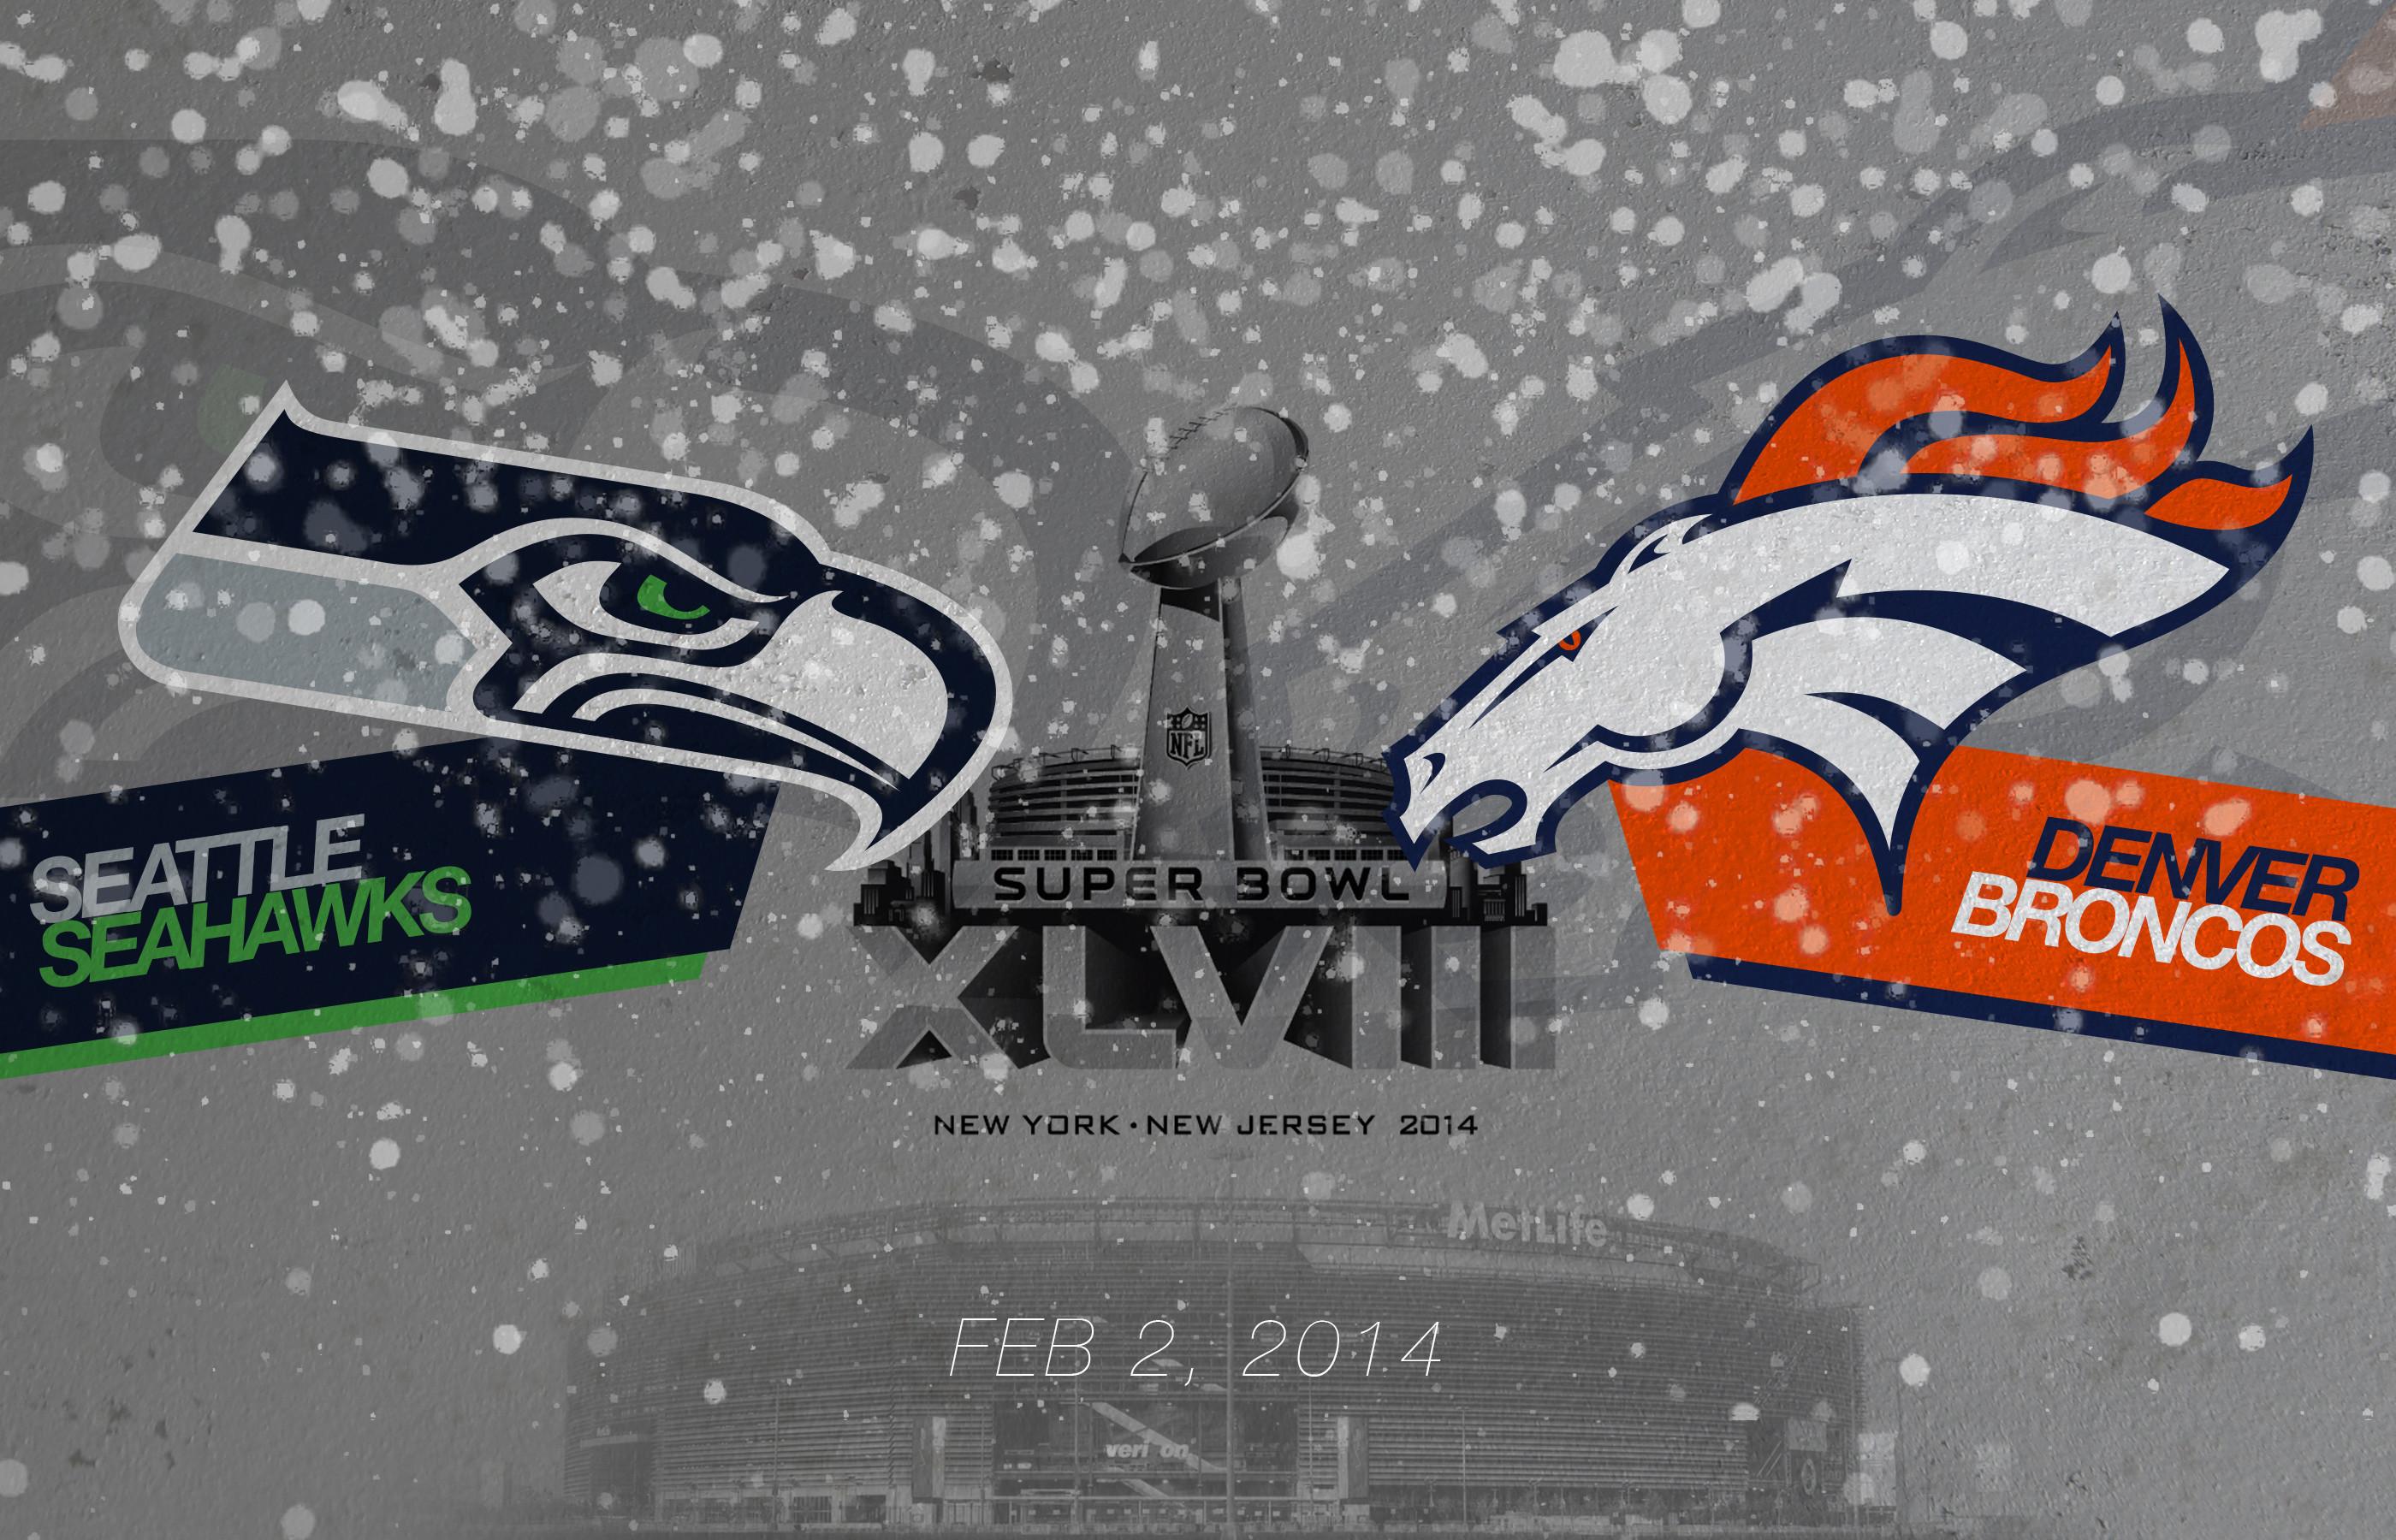 Super-Bowl-XLVIII-Desktop-Wallpaper-by-Hawk-Eyes-